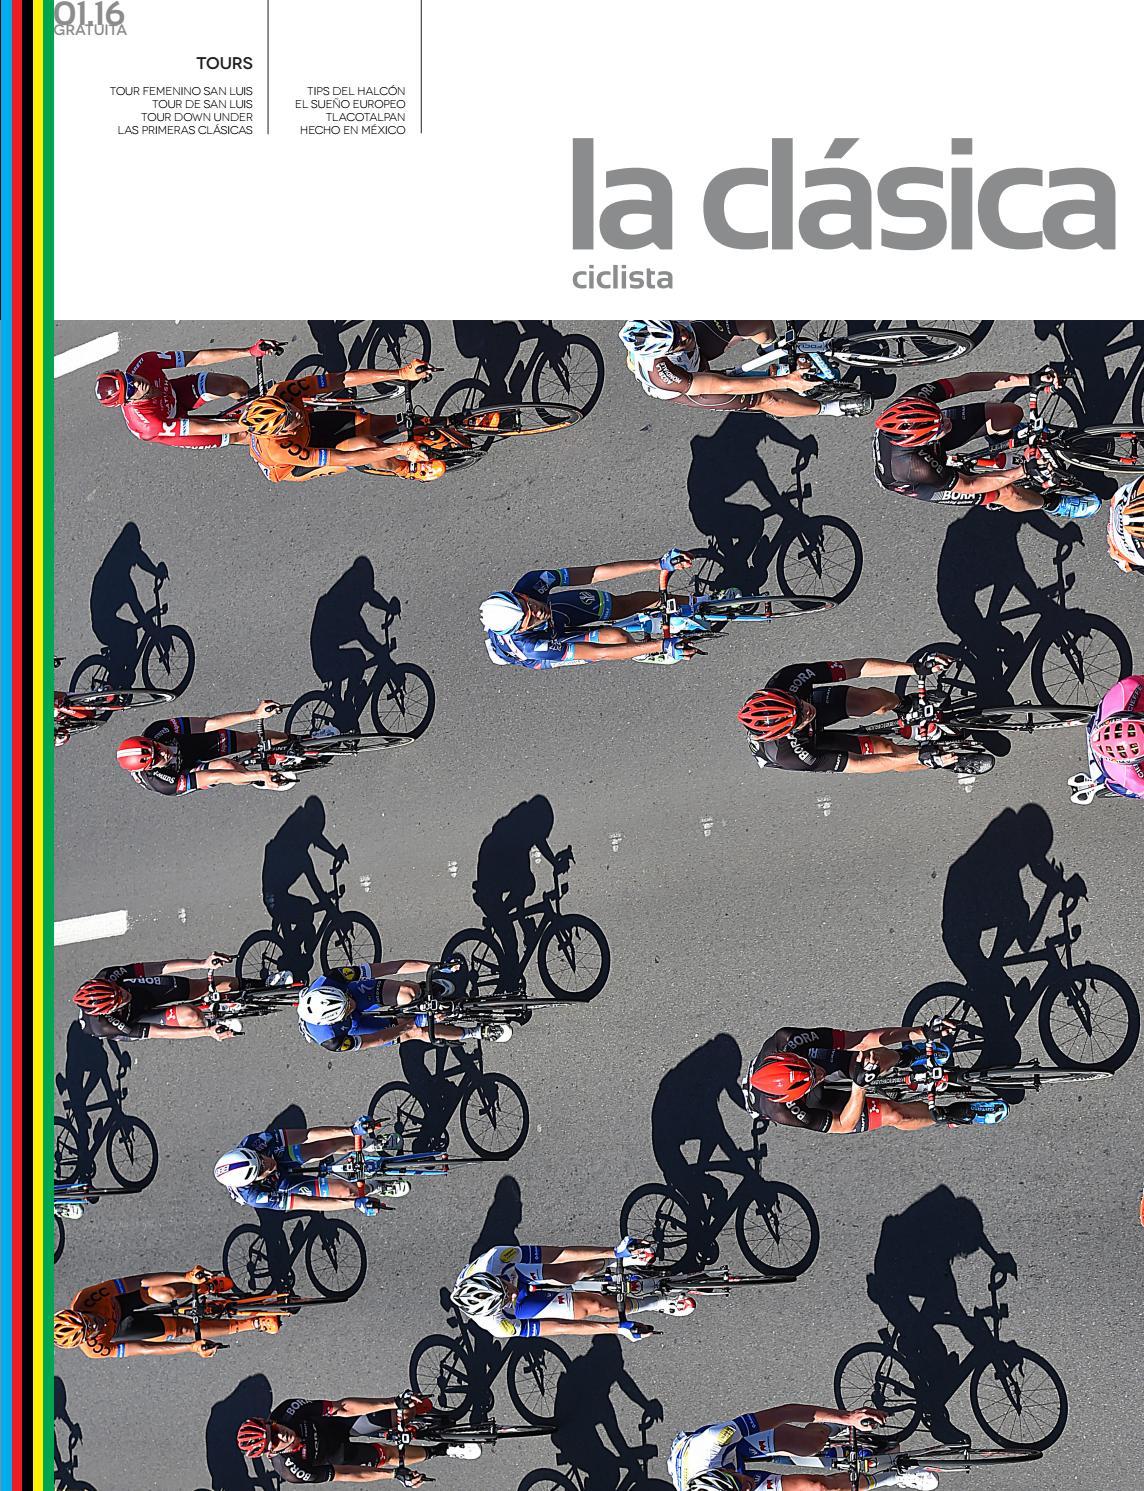 La clásica ciclista 01.16 by Diseño Equis - issuu